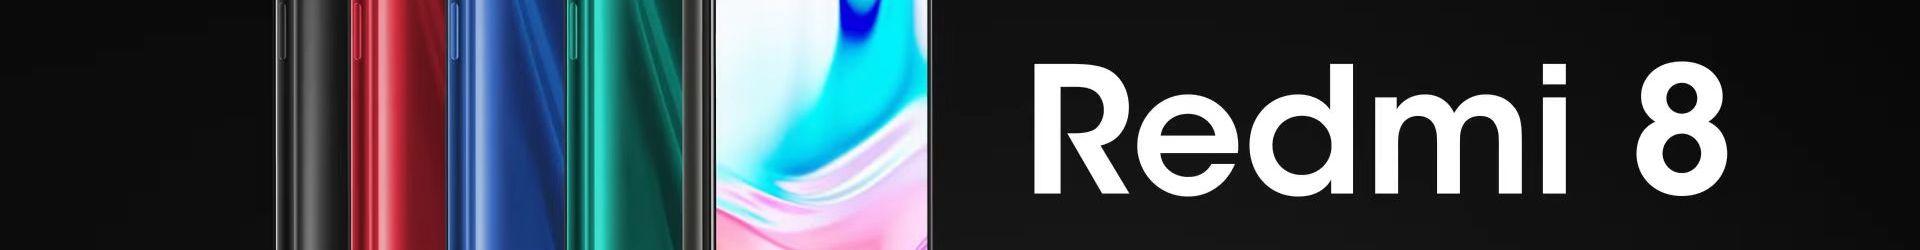 Redmi 8 ufficiale: lo smartphone di fascia bassa senza rivali